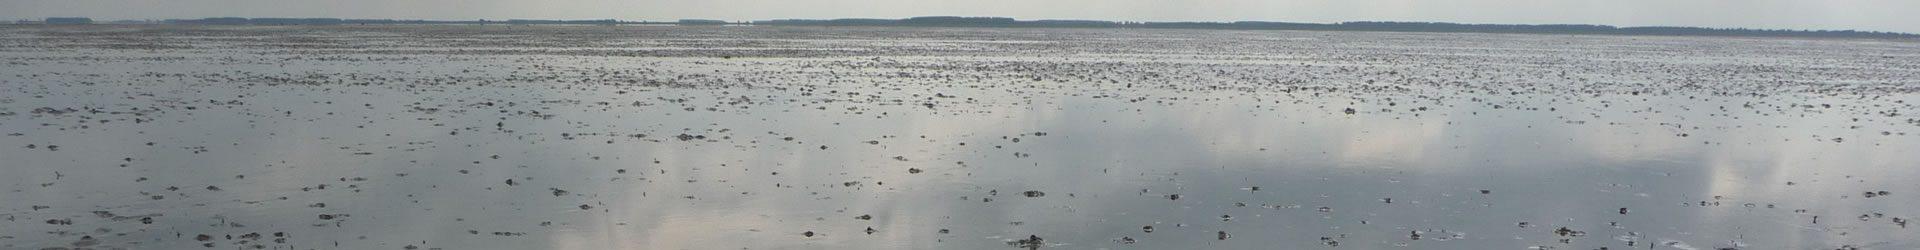 Wildernis op zee: zeereservaten